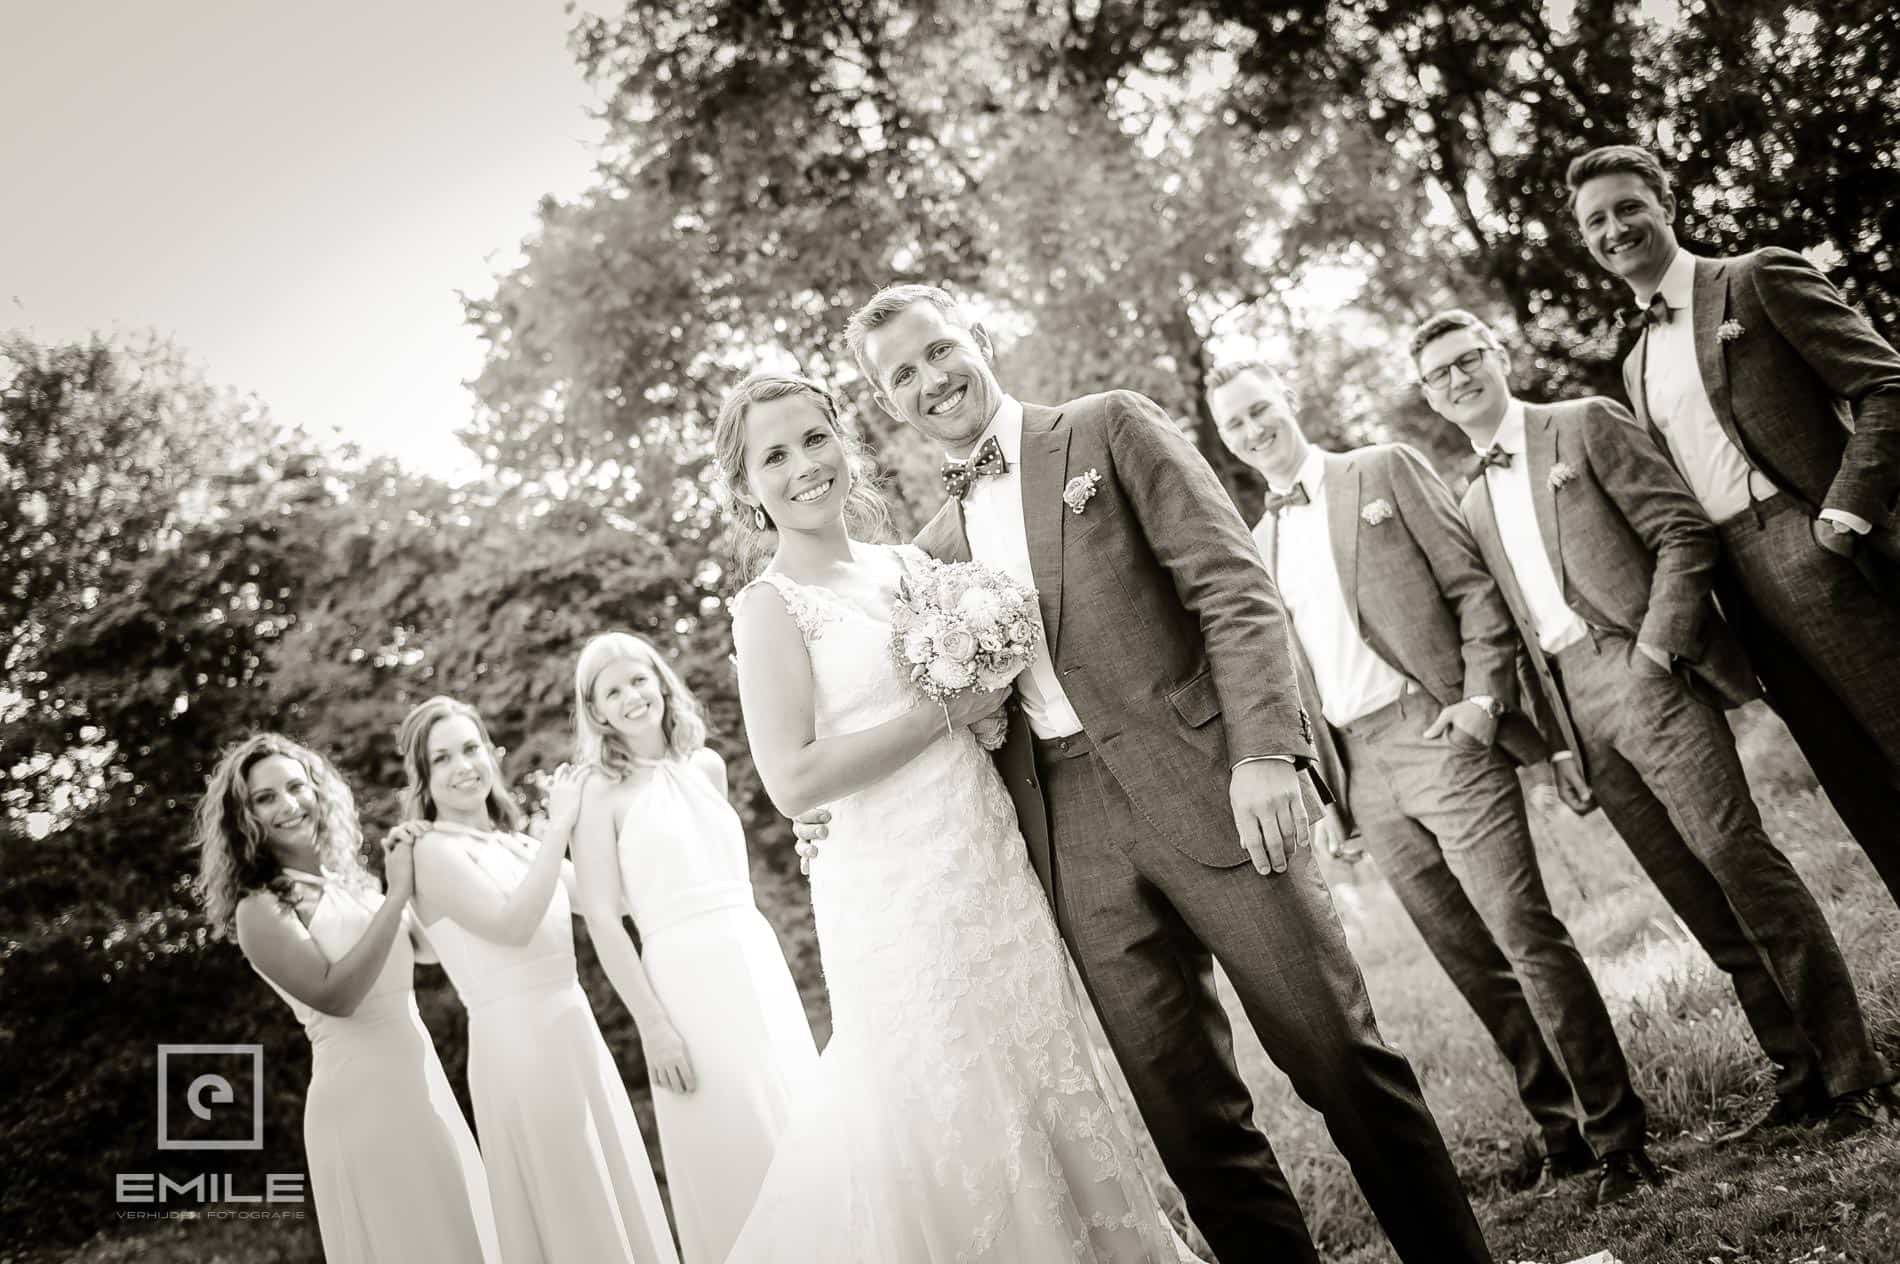 Bruidsfotograaf Landgraaf - Winselerhof. Bruidspaar kijkt naar fotograaf, vrienden staan onscherp in de achtergrond